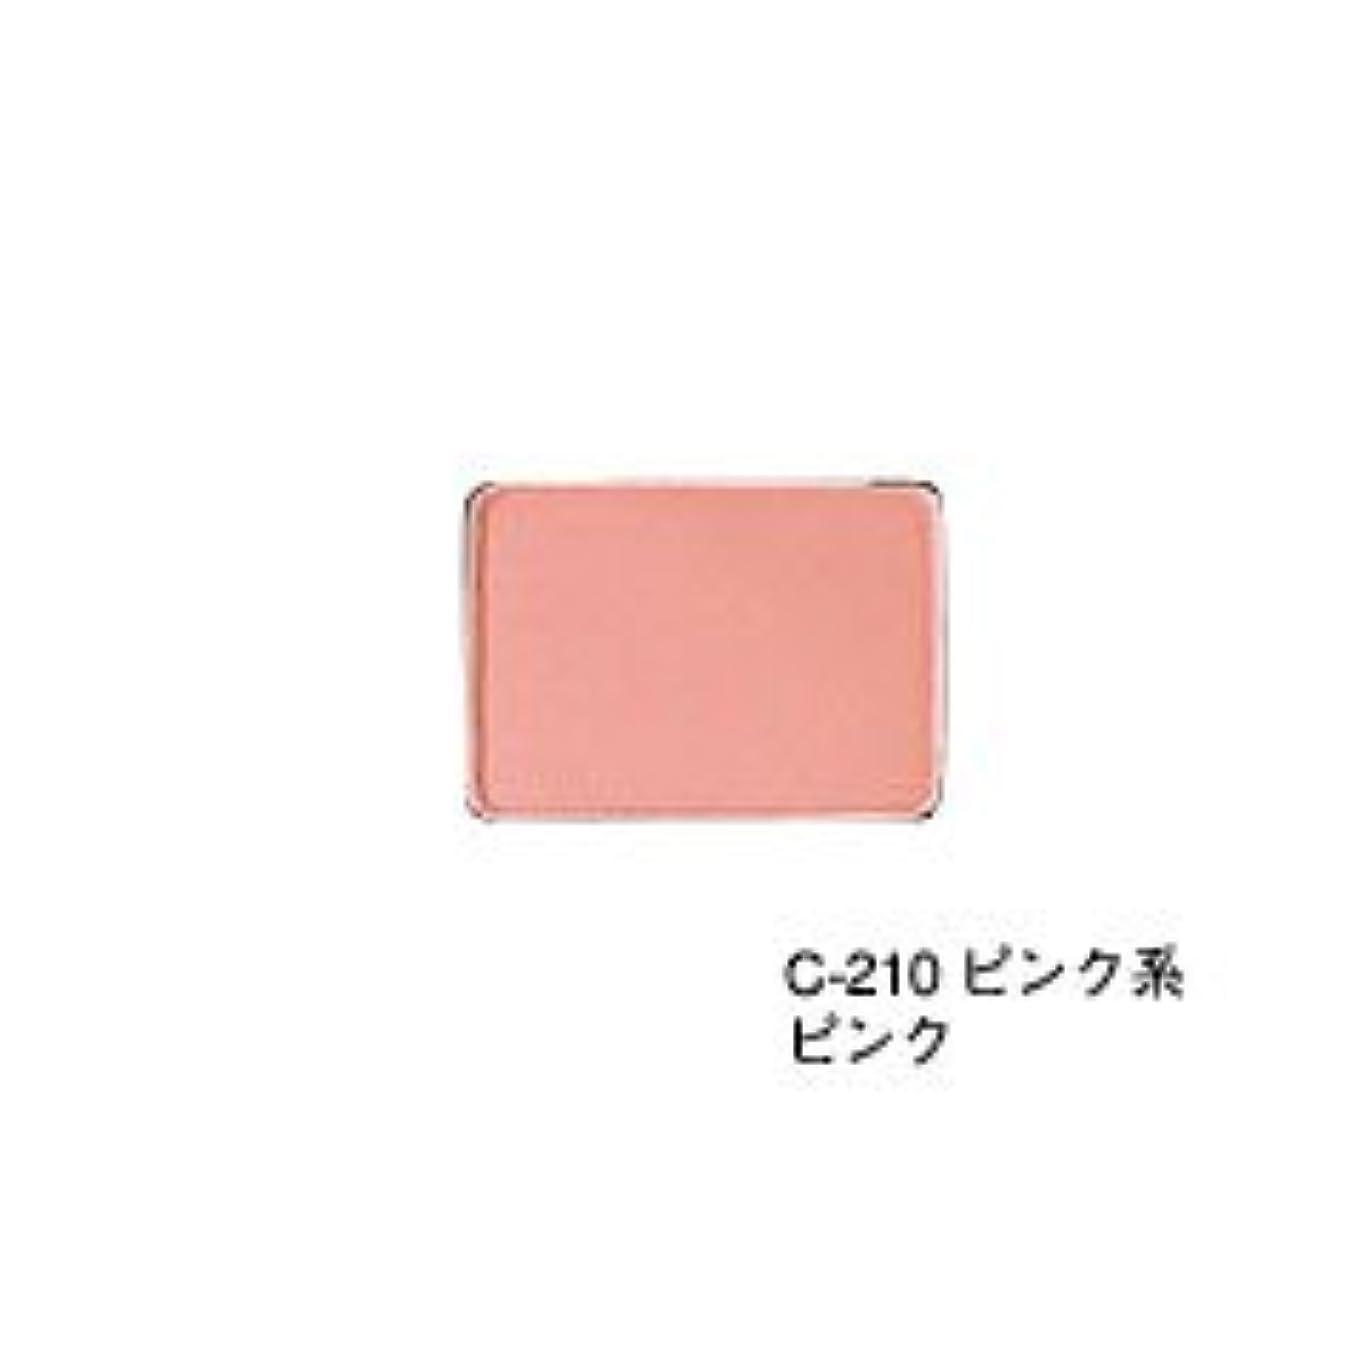 酸素パーフェルビッド主婦リマナチュラル ピュアチークカラー 詰替用 ピンク×2個       JAN:4514991240025